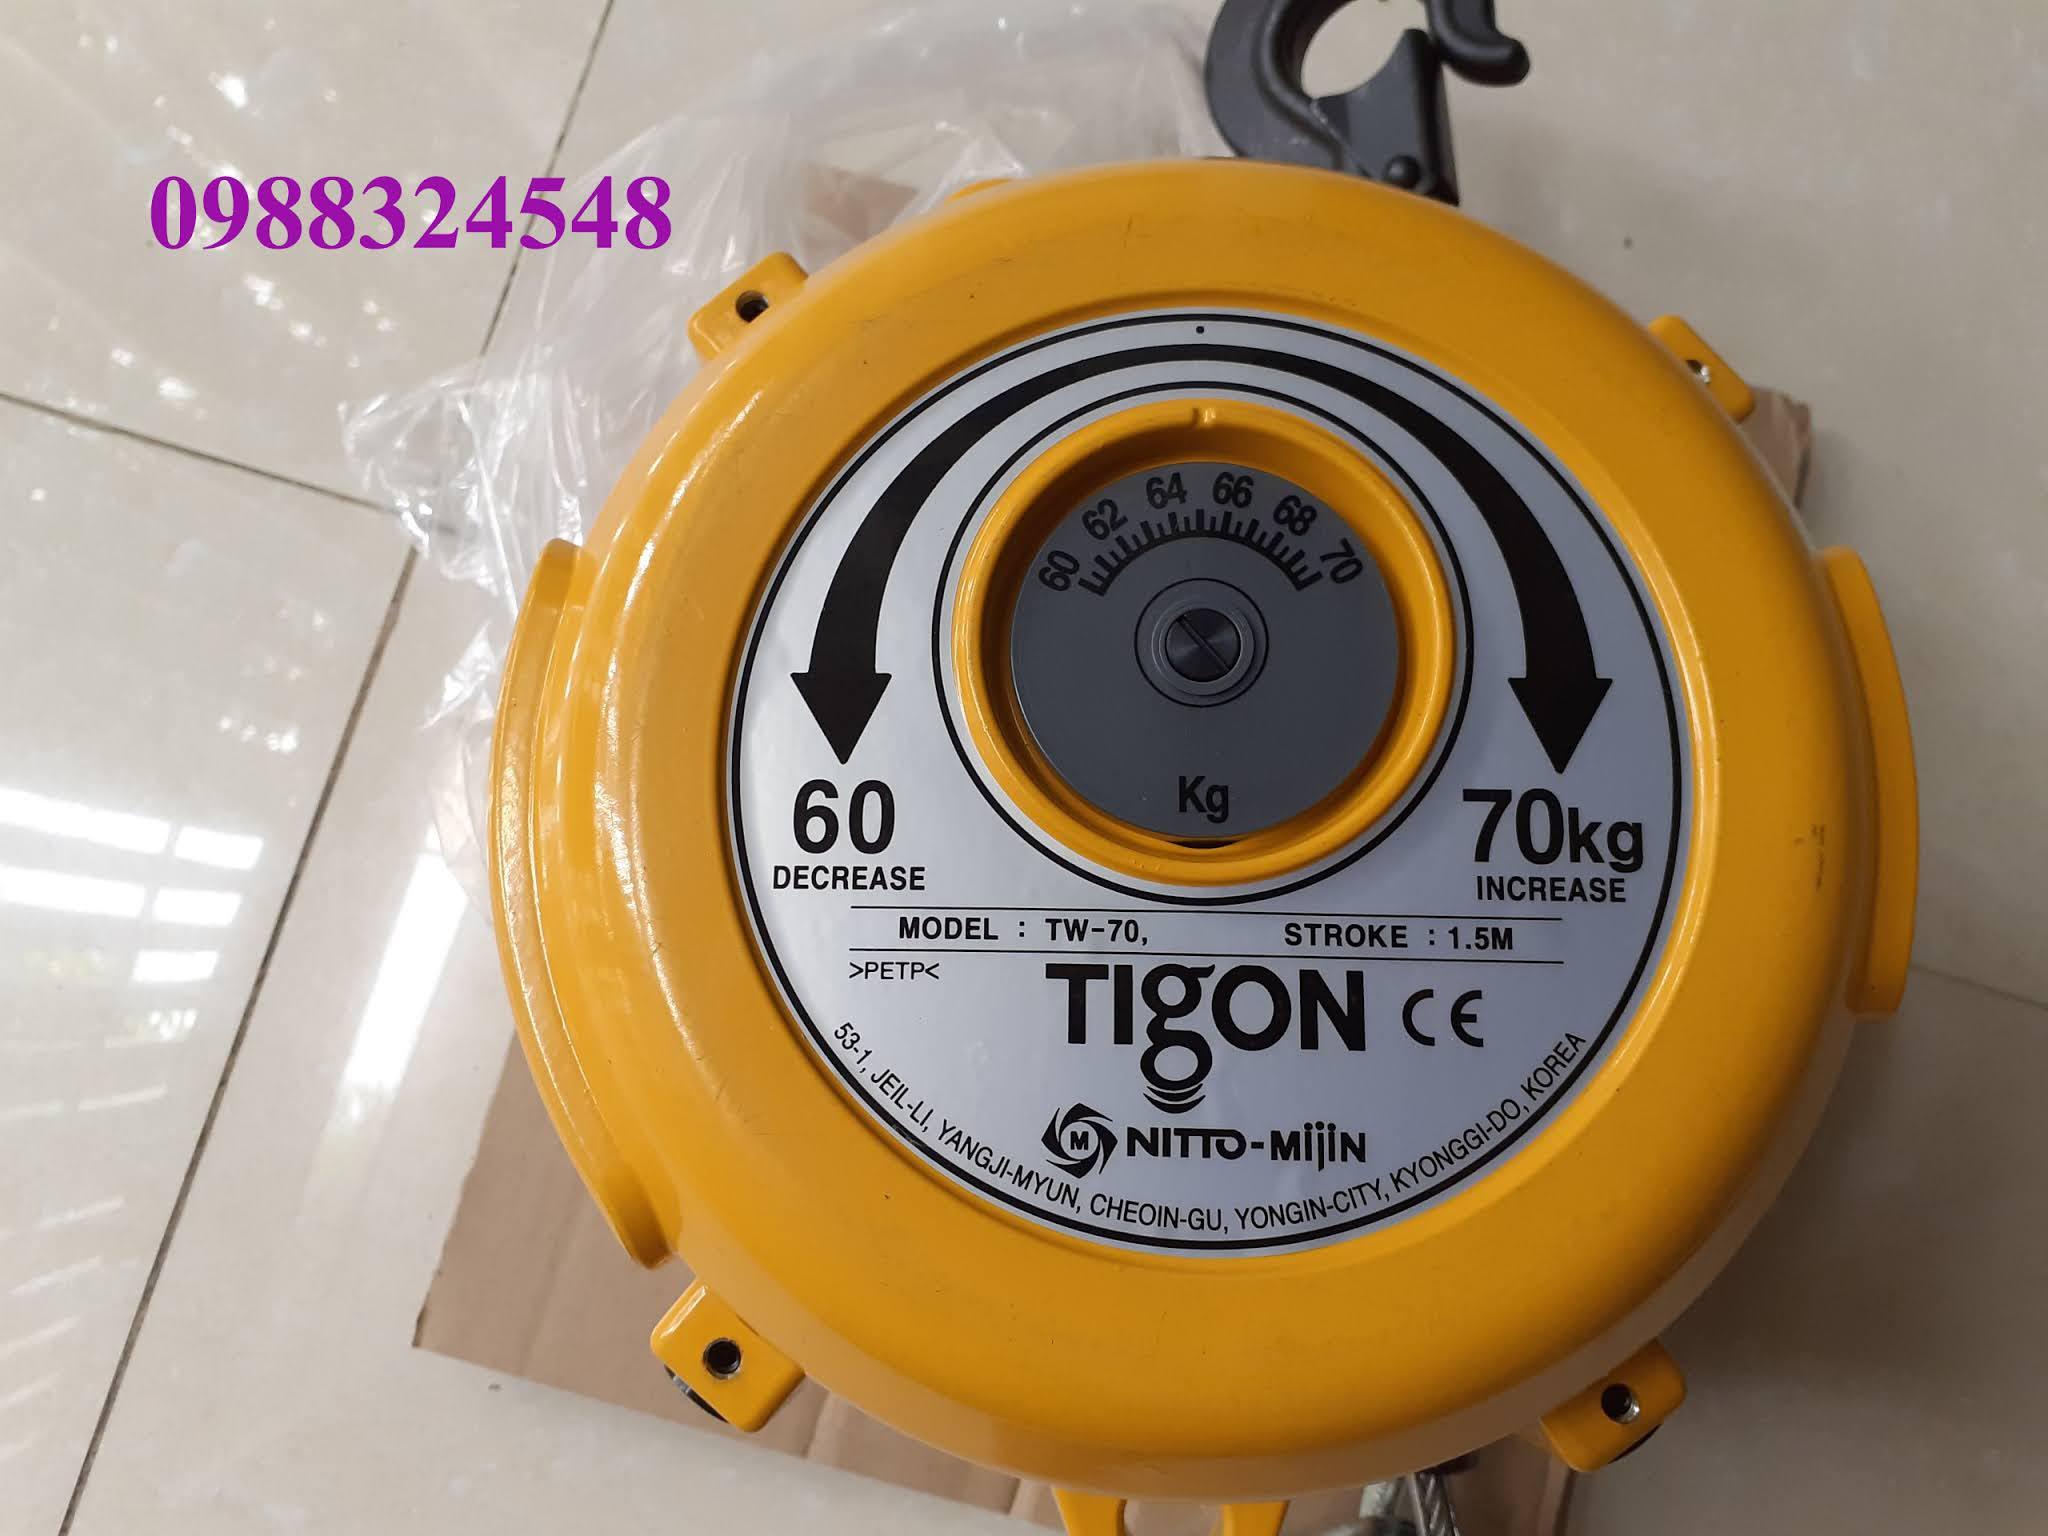 Pa lăng cân bằng Tigon TW-70